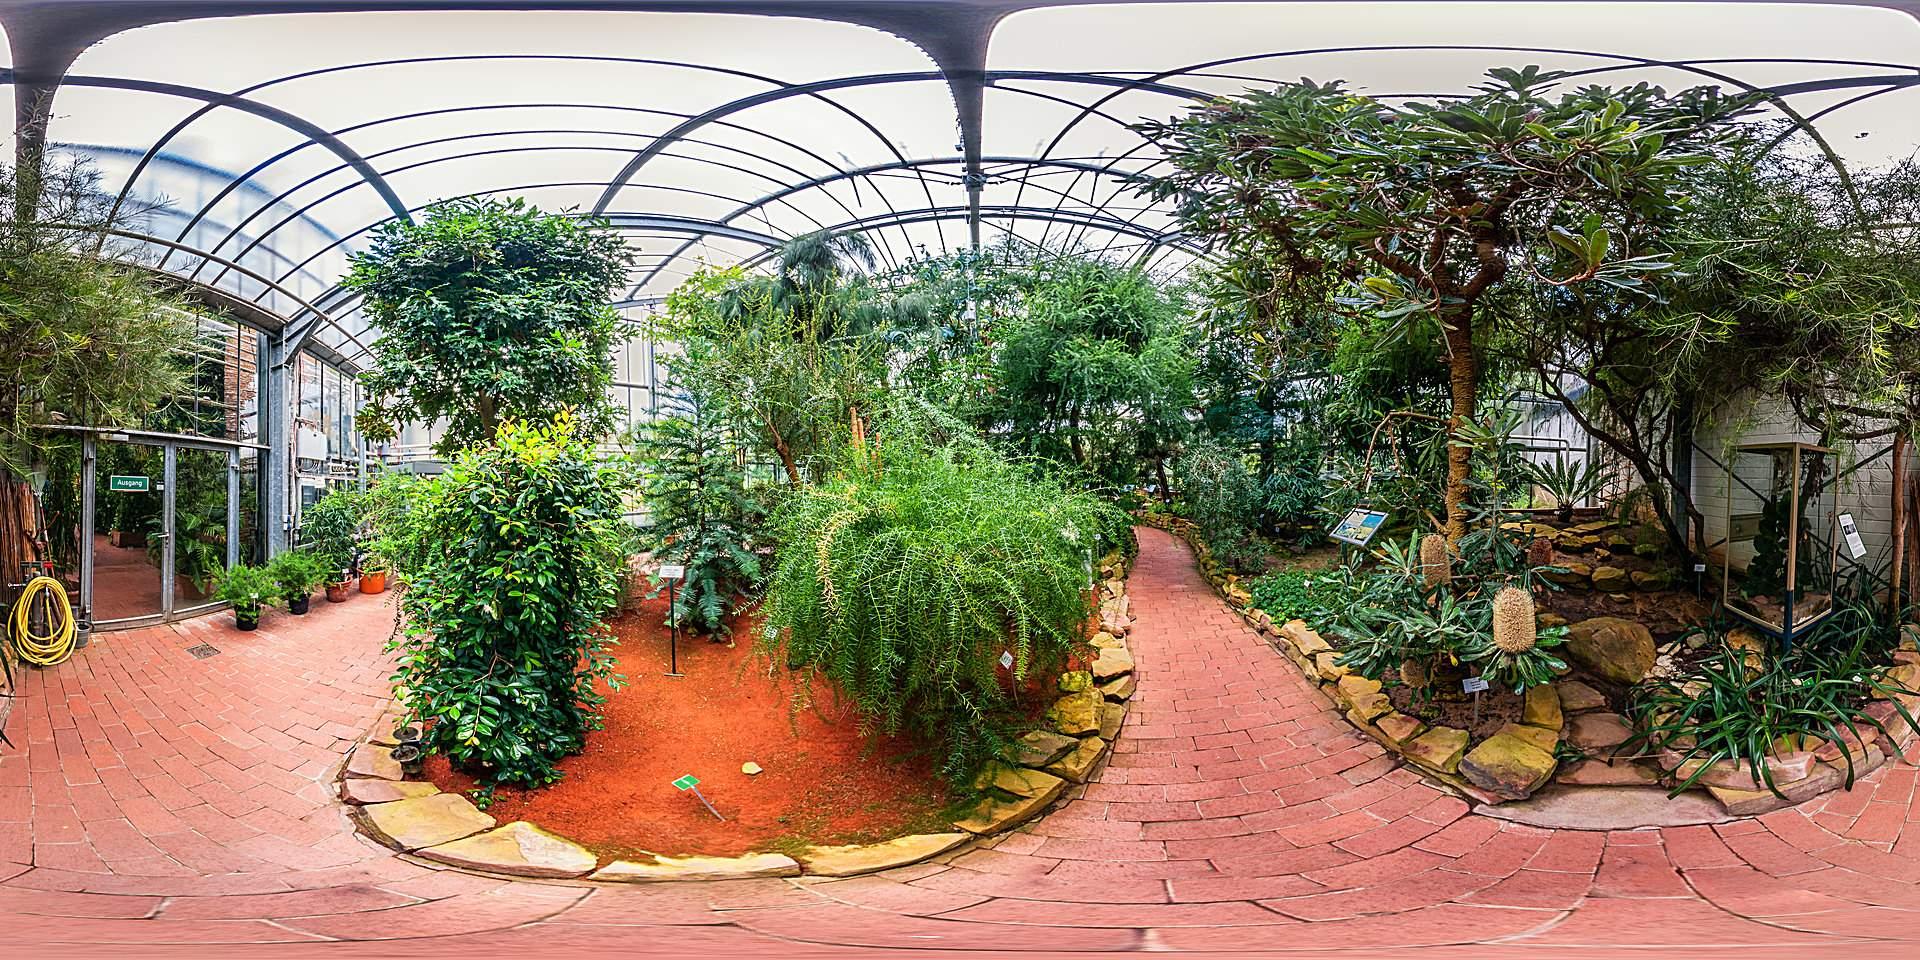 Botanischer Garten Marburg Australienhaus